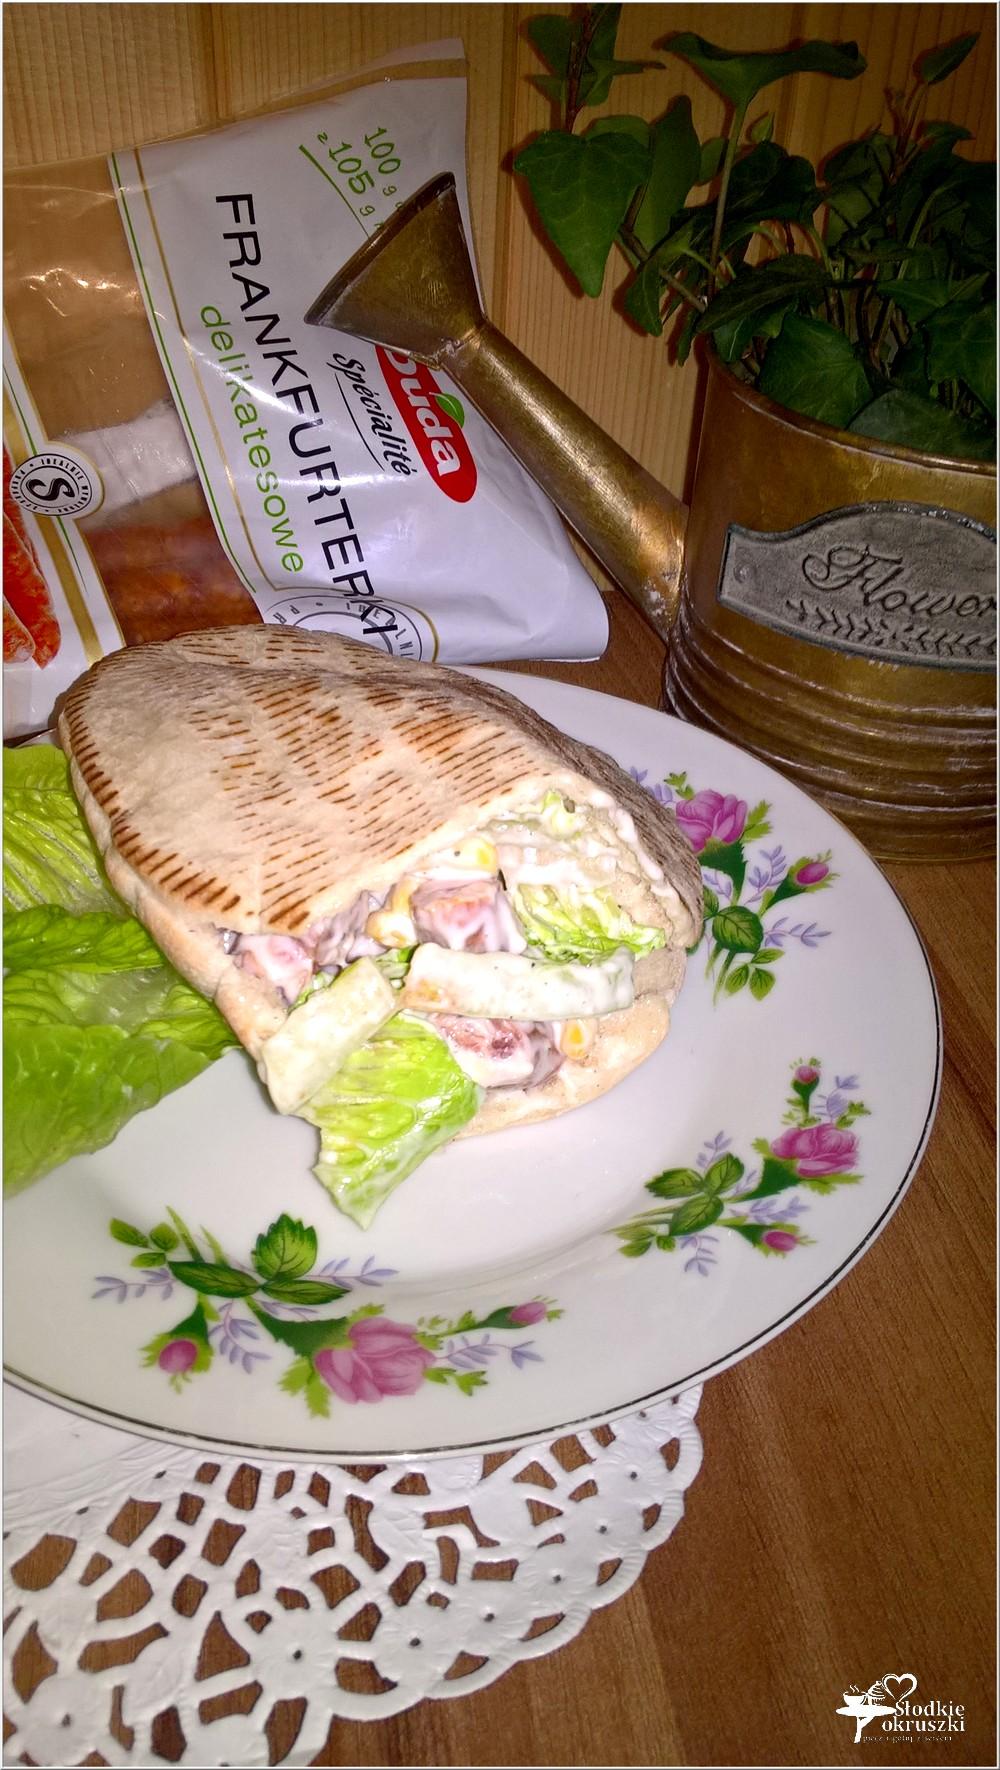 Szybki obiad. Pita z frankurterkami w domowym sosie (2)